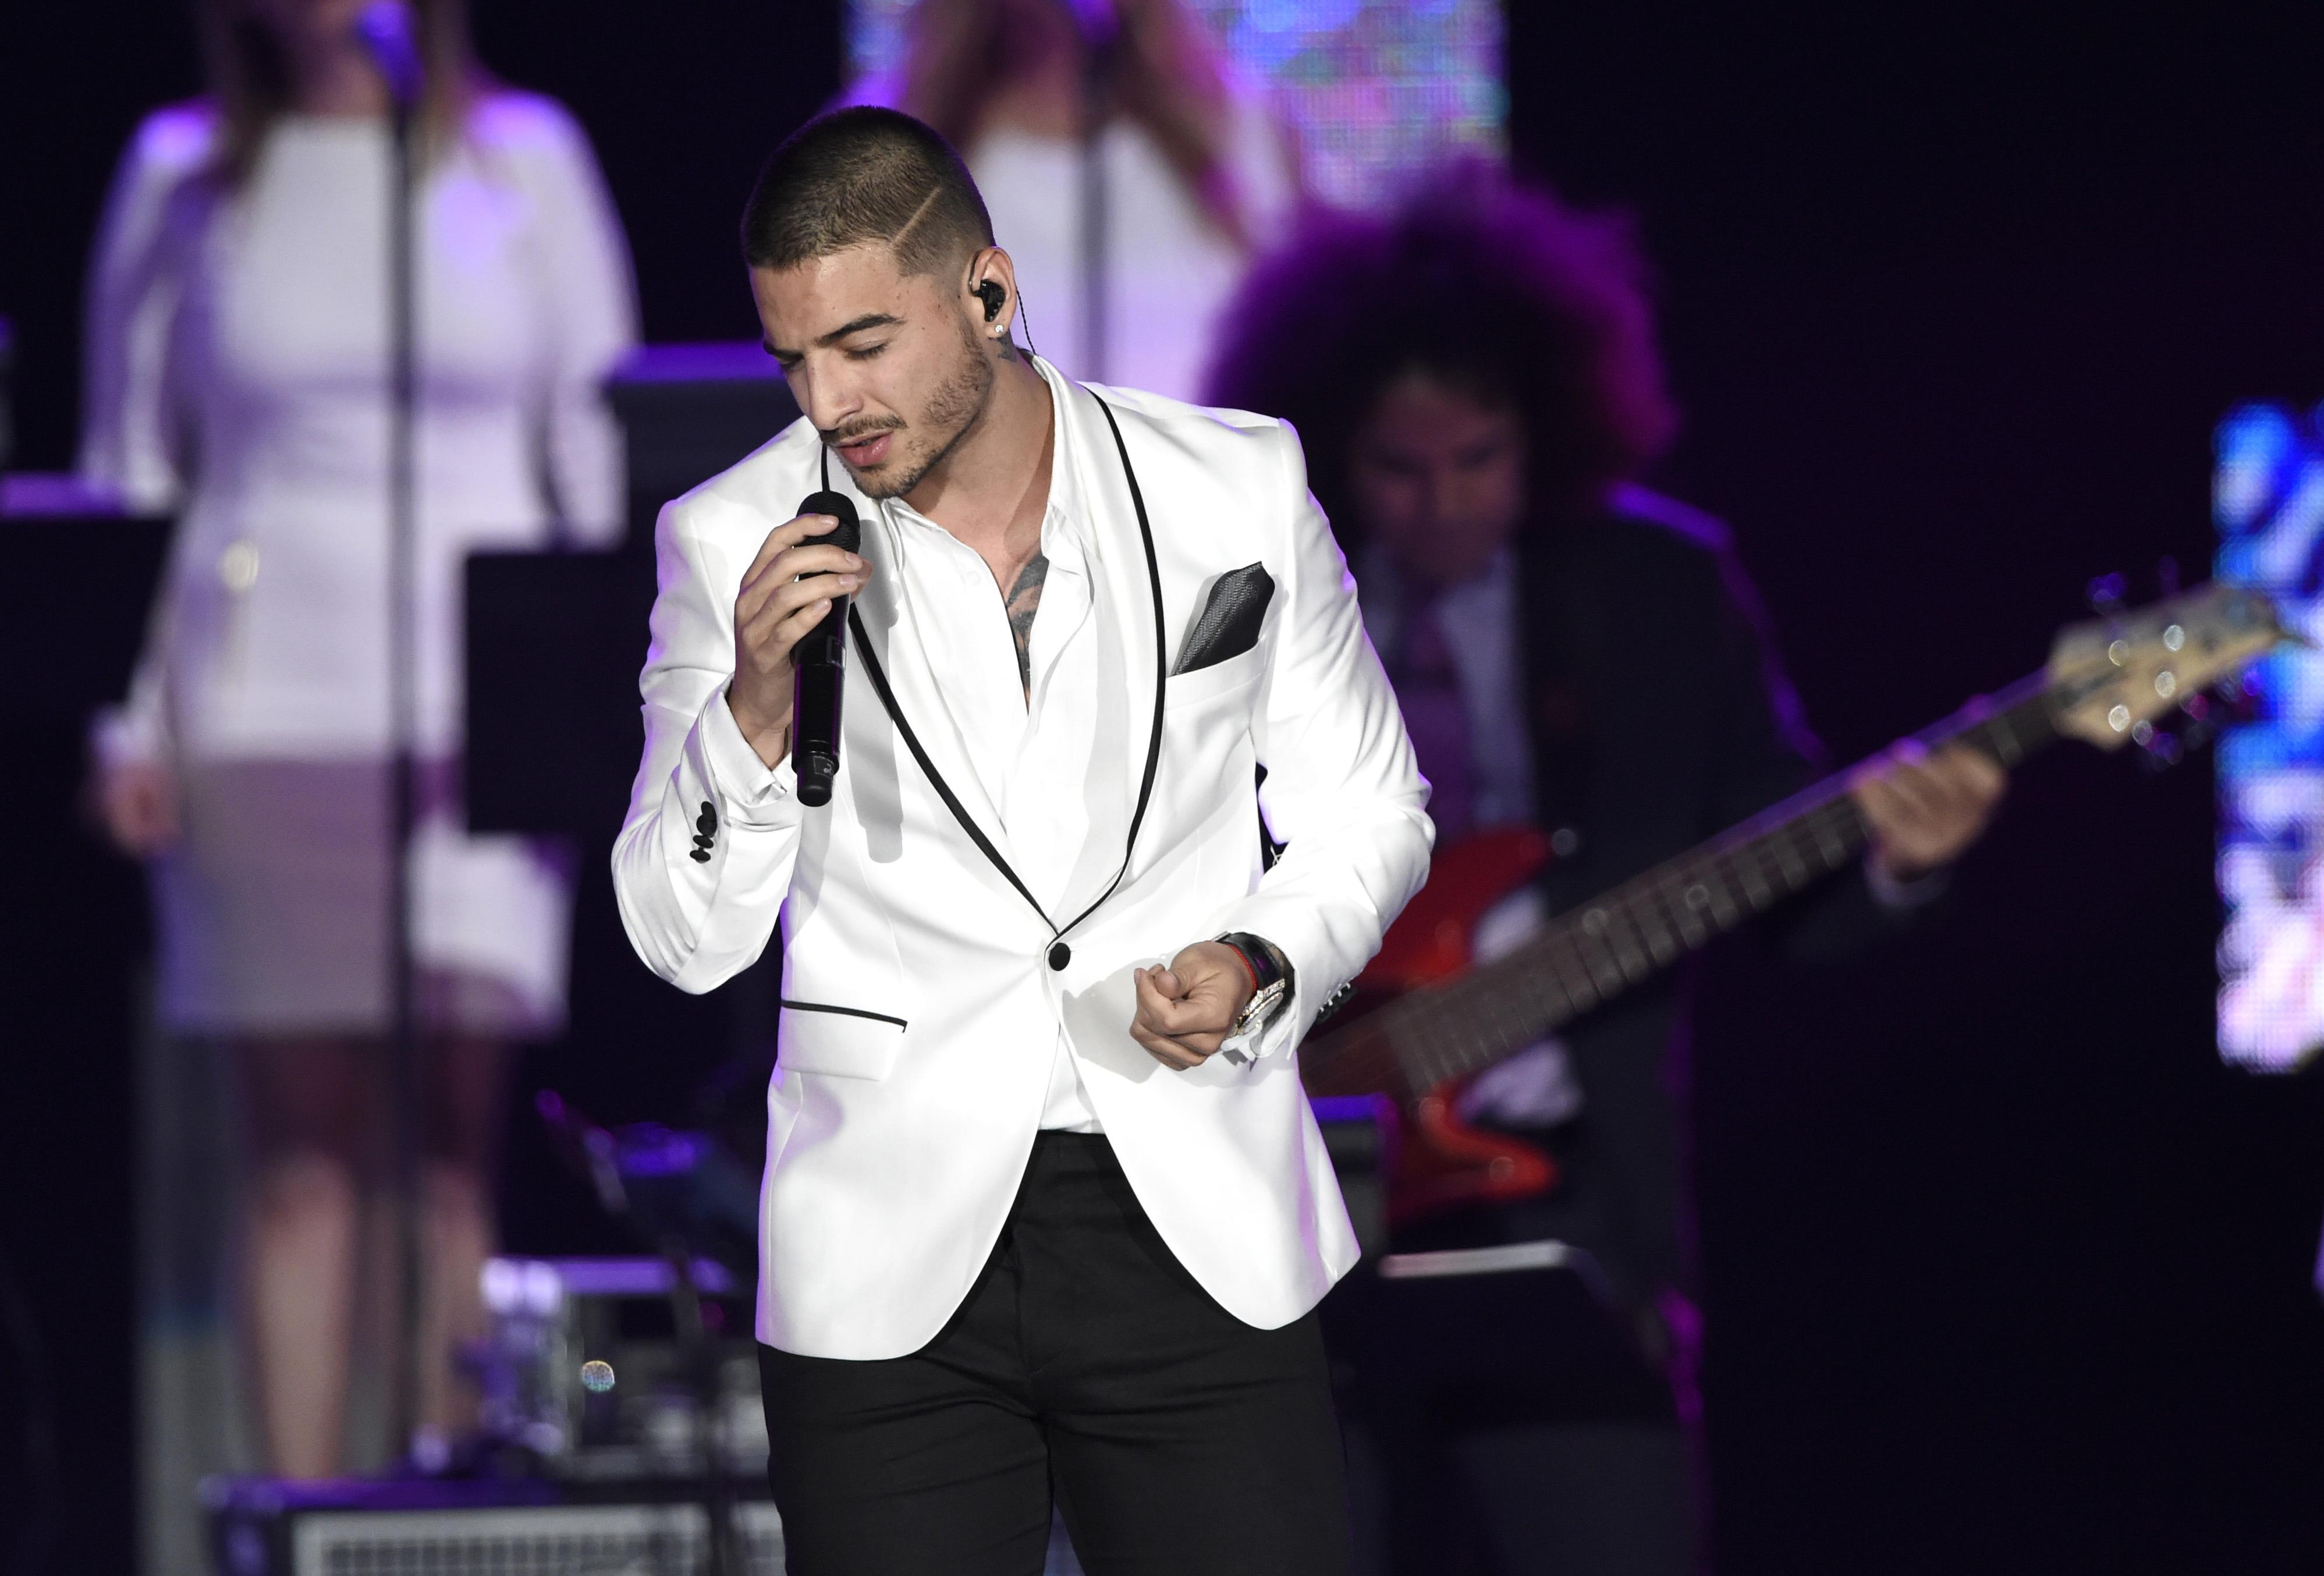 Maluma en el escenario con cabello rapado, morocho